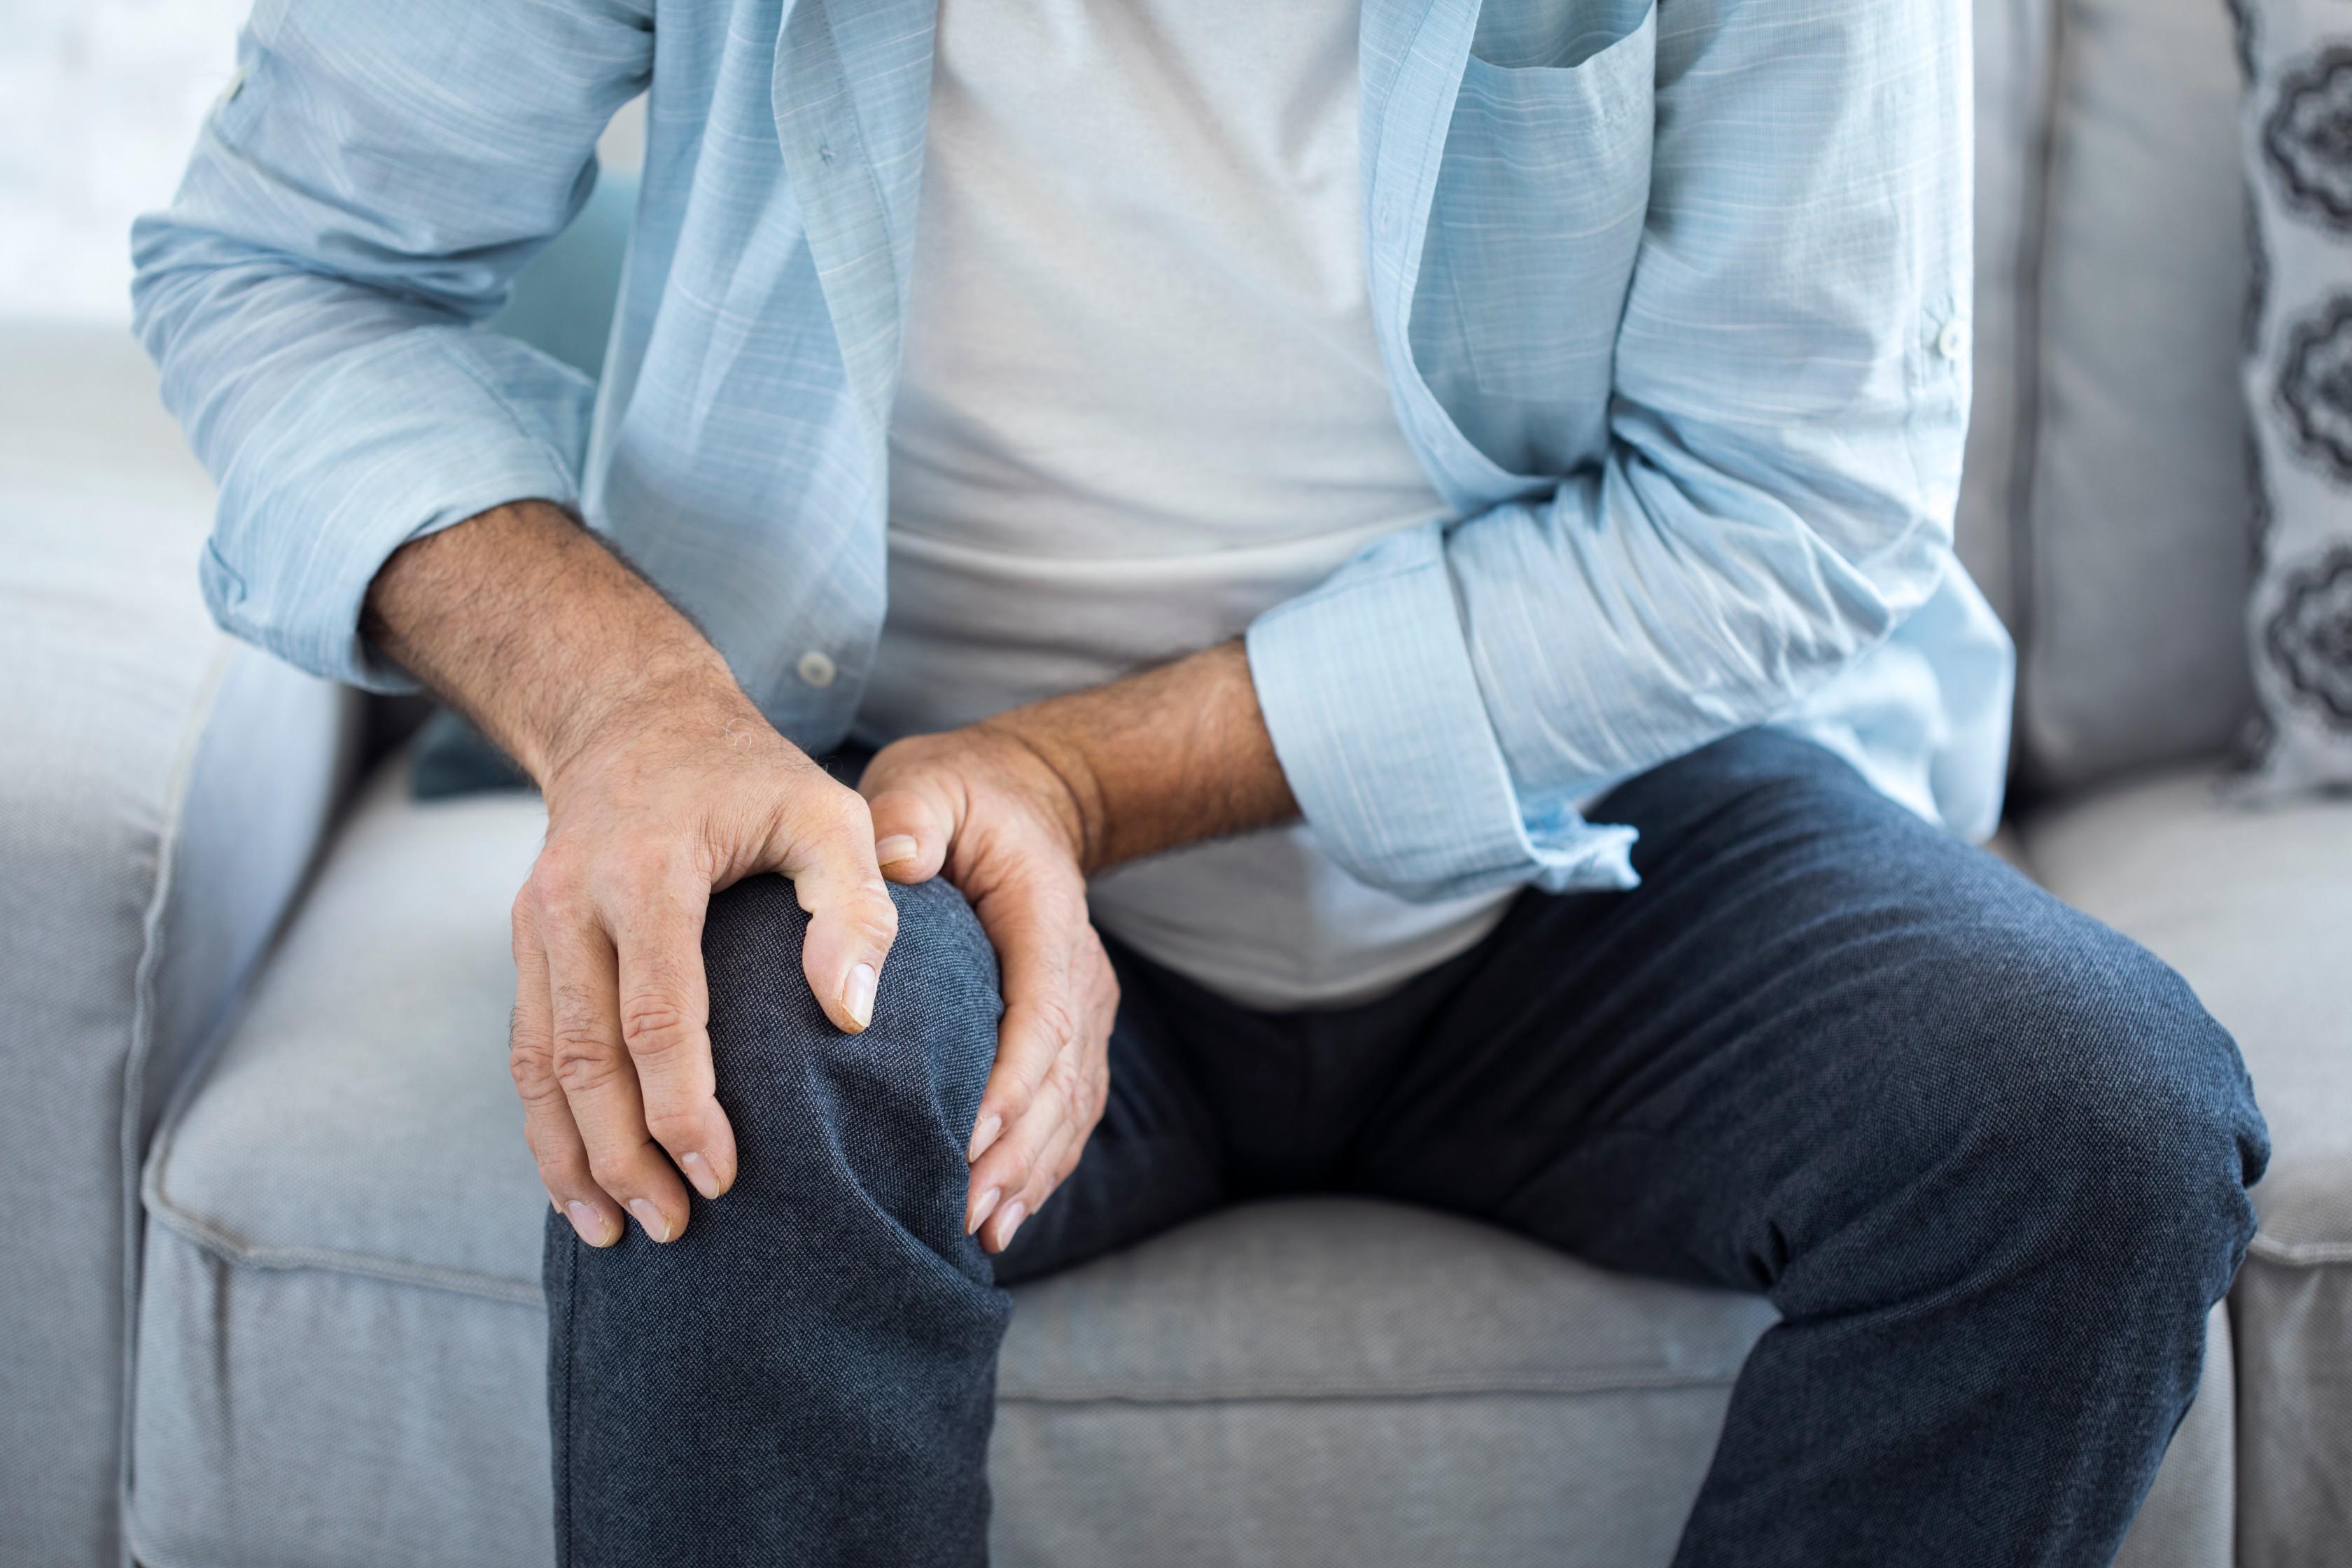 xefocam ízületi fájdalommal váll fájdalom okozhat